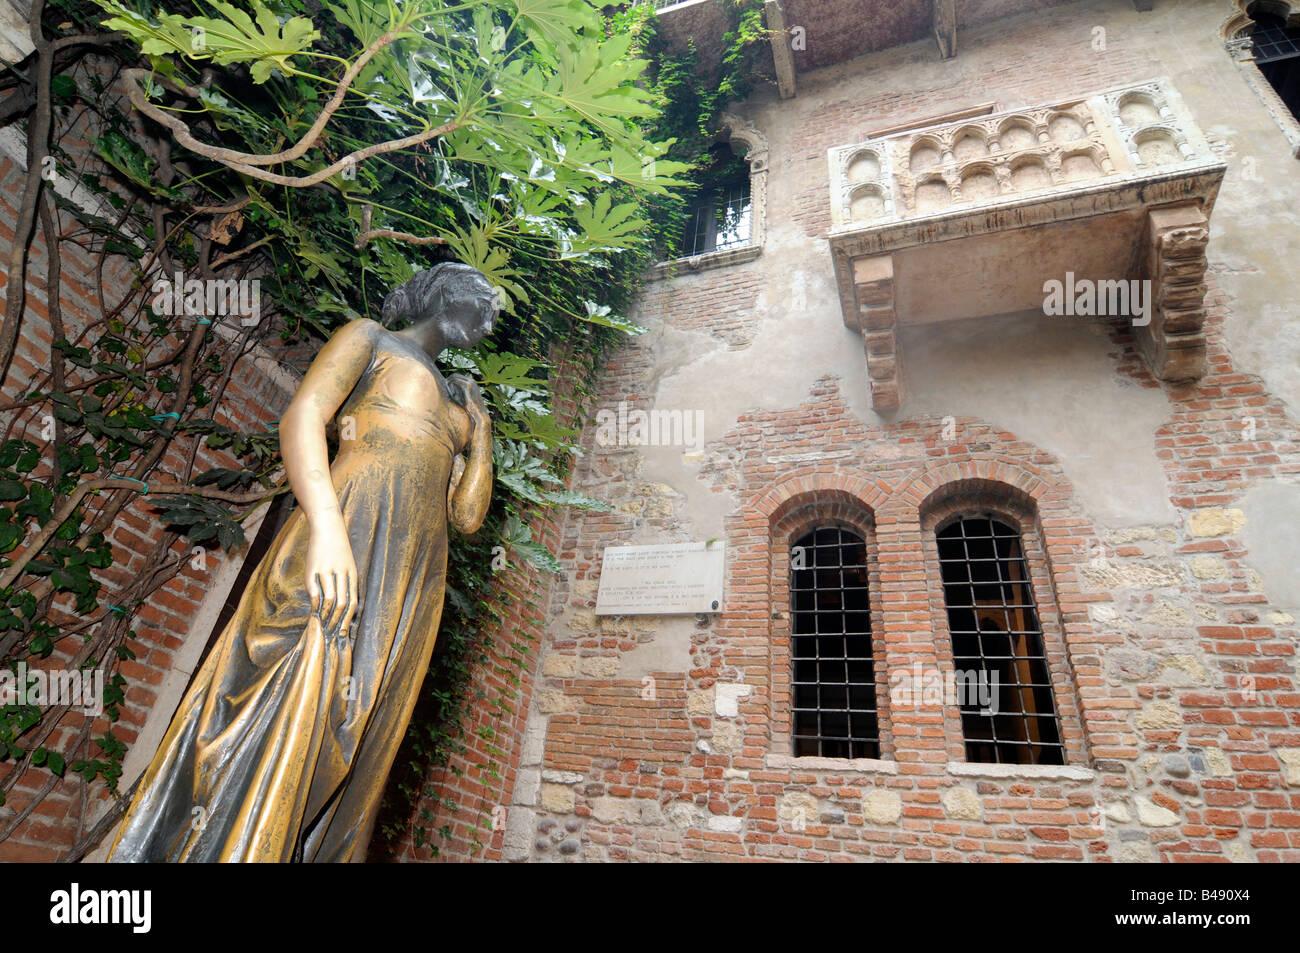 Balkon Und Statue Der Julia In Der Casa De Giulietta In Verona